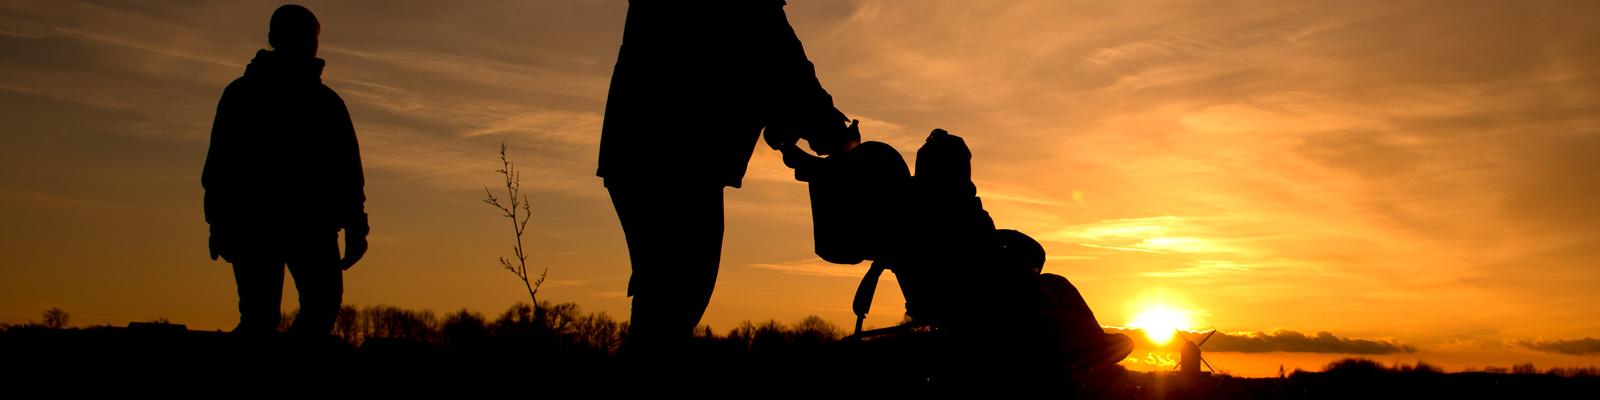 Silhouette einer Kleinfamilie vor Sonnenuntergang. Bild: dpa.